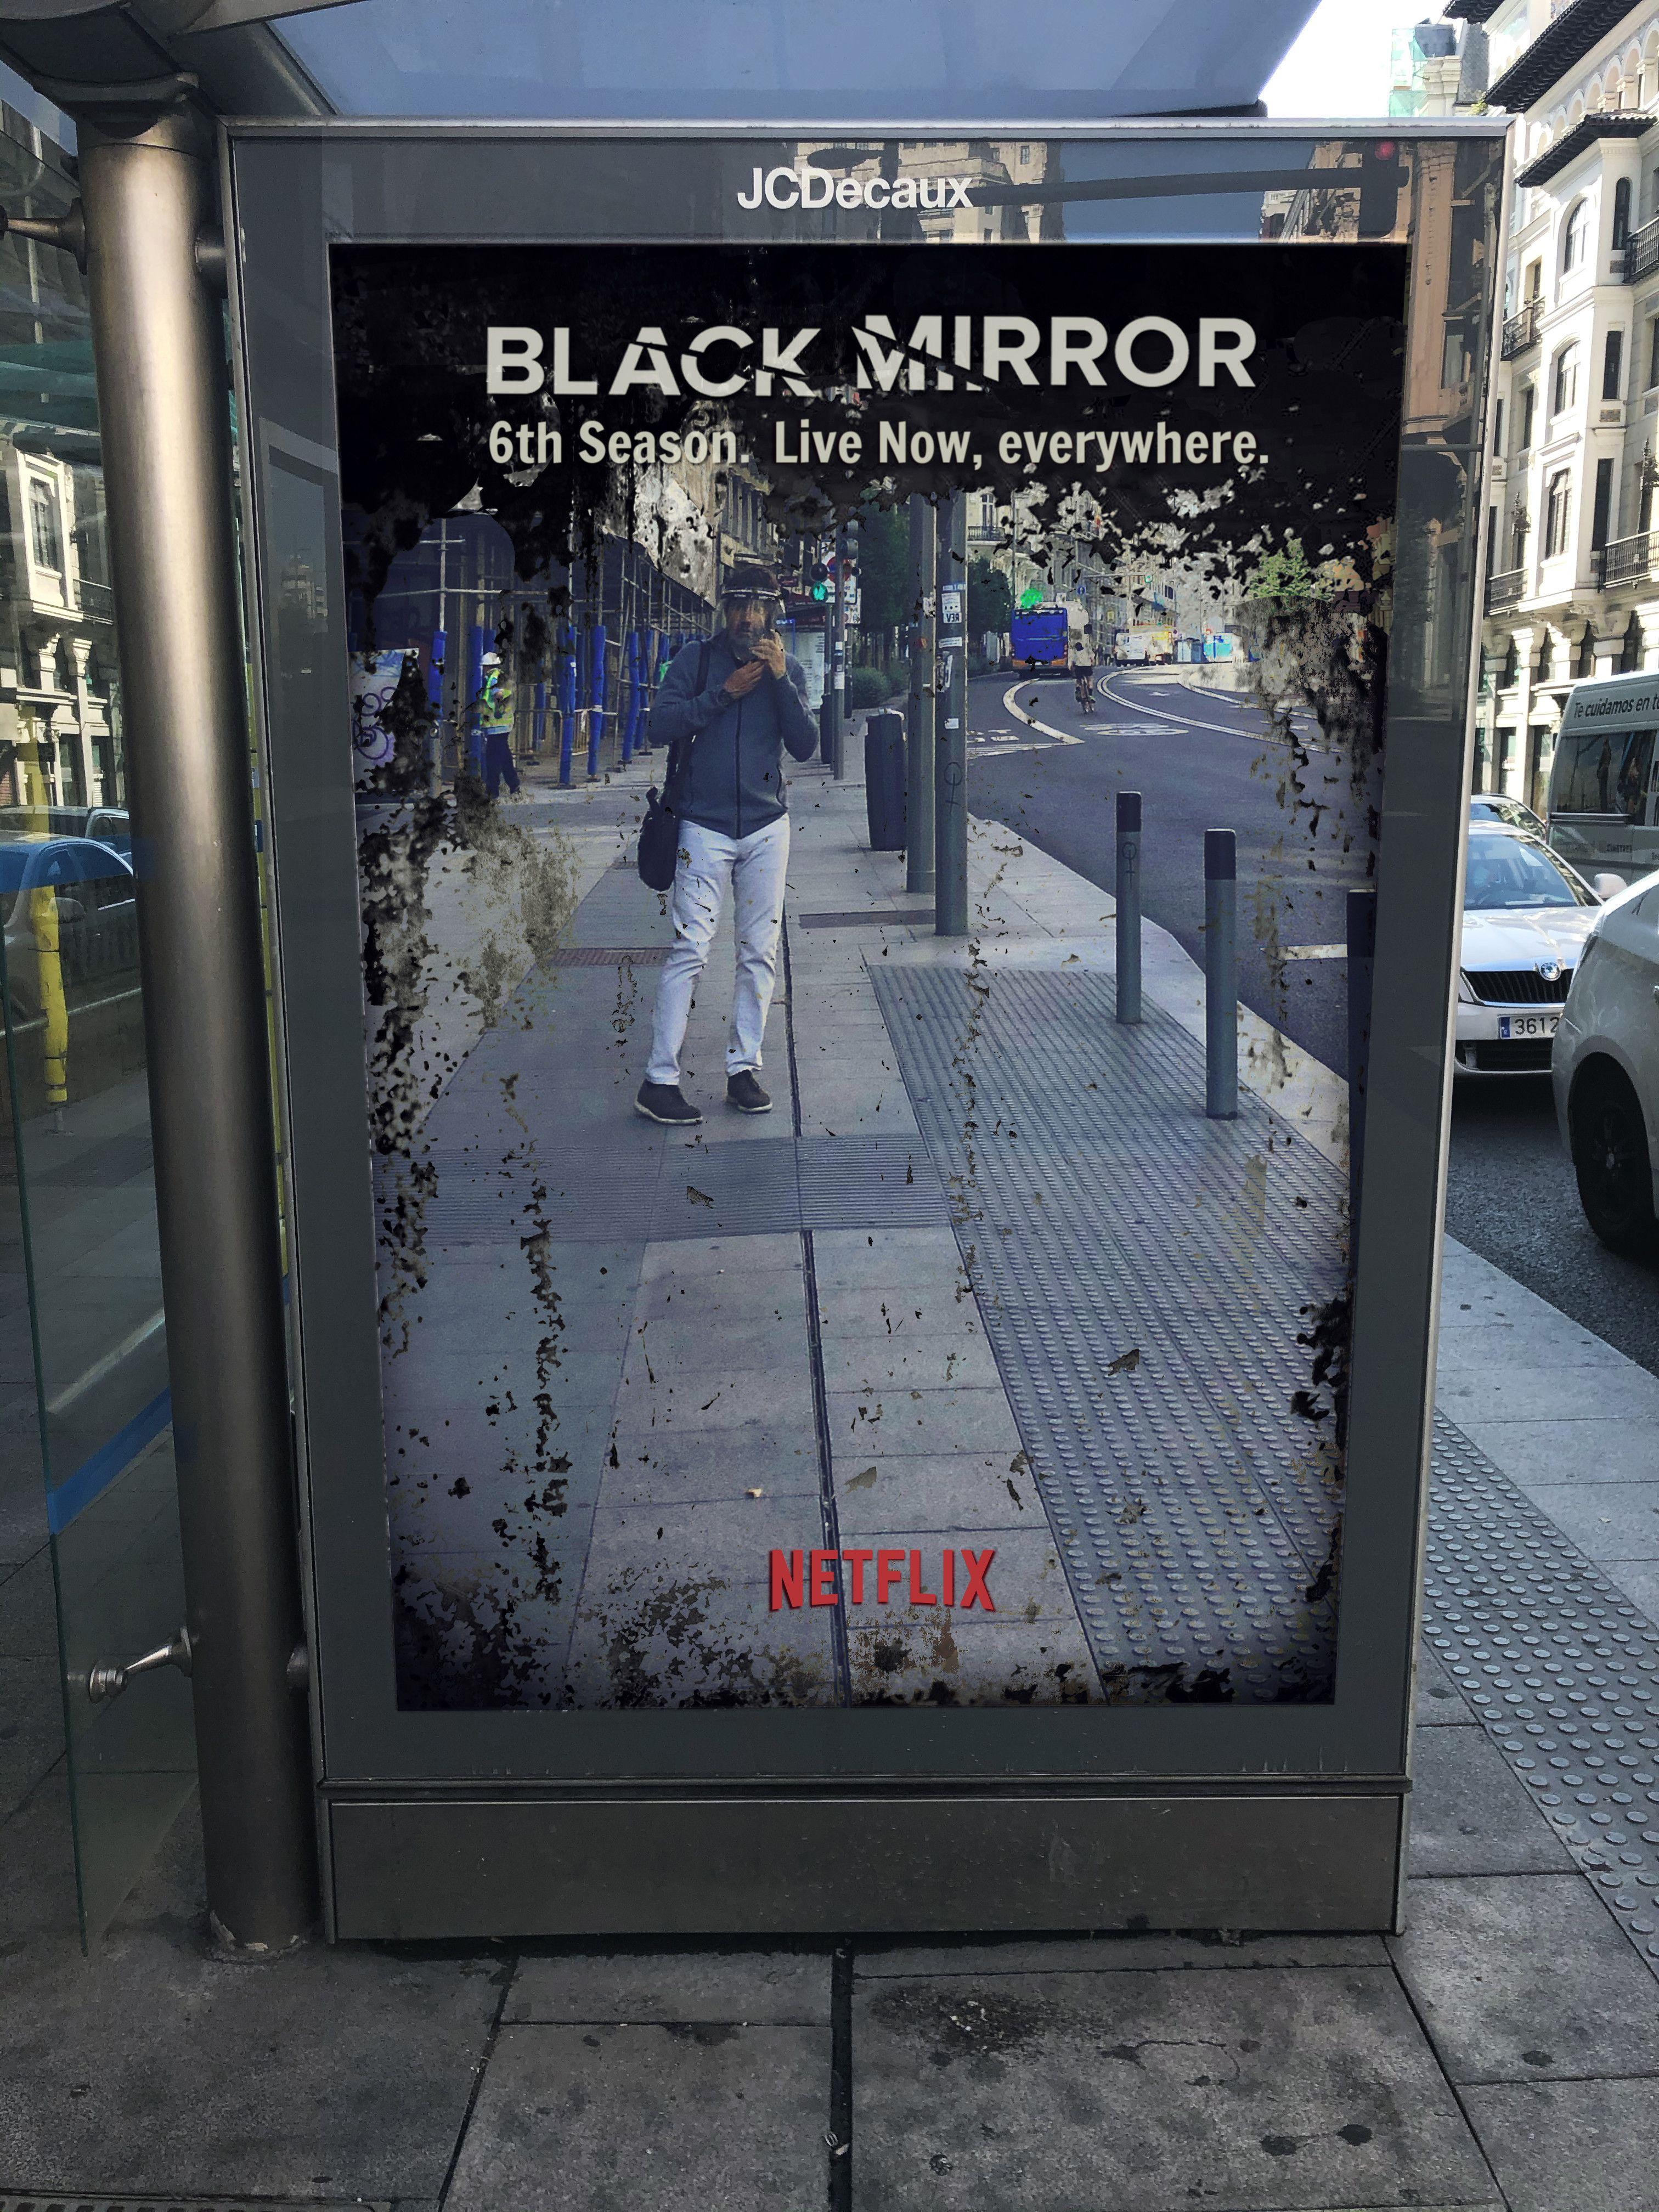 Black Mirror 6th season v2 2